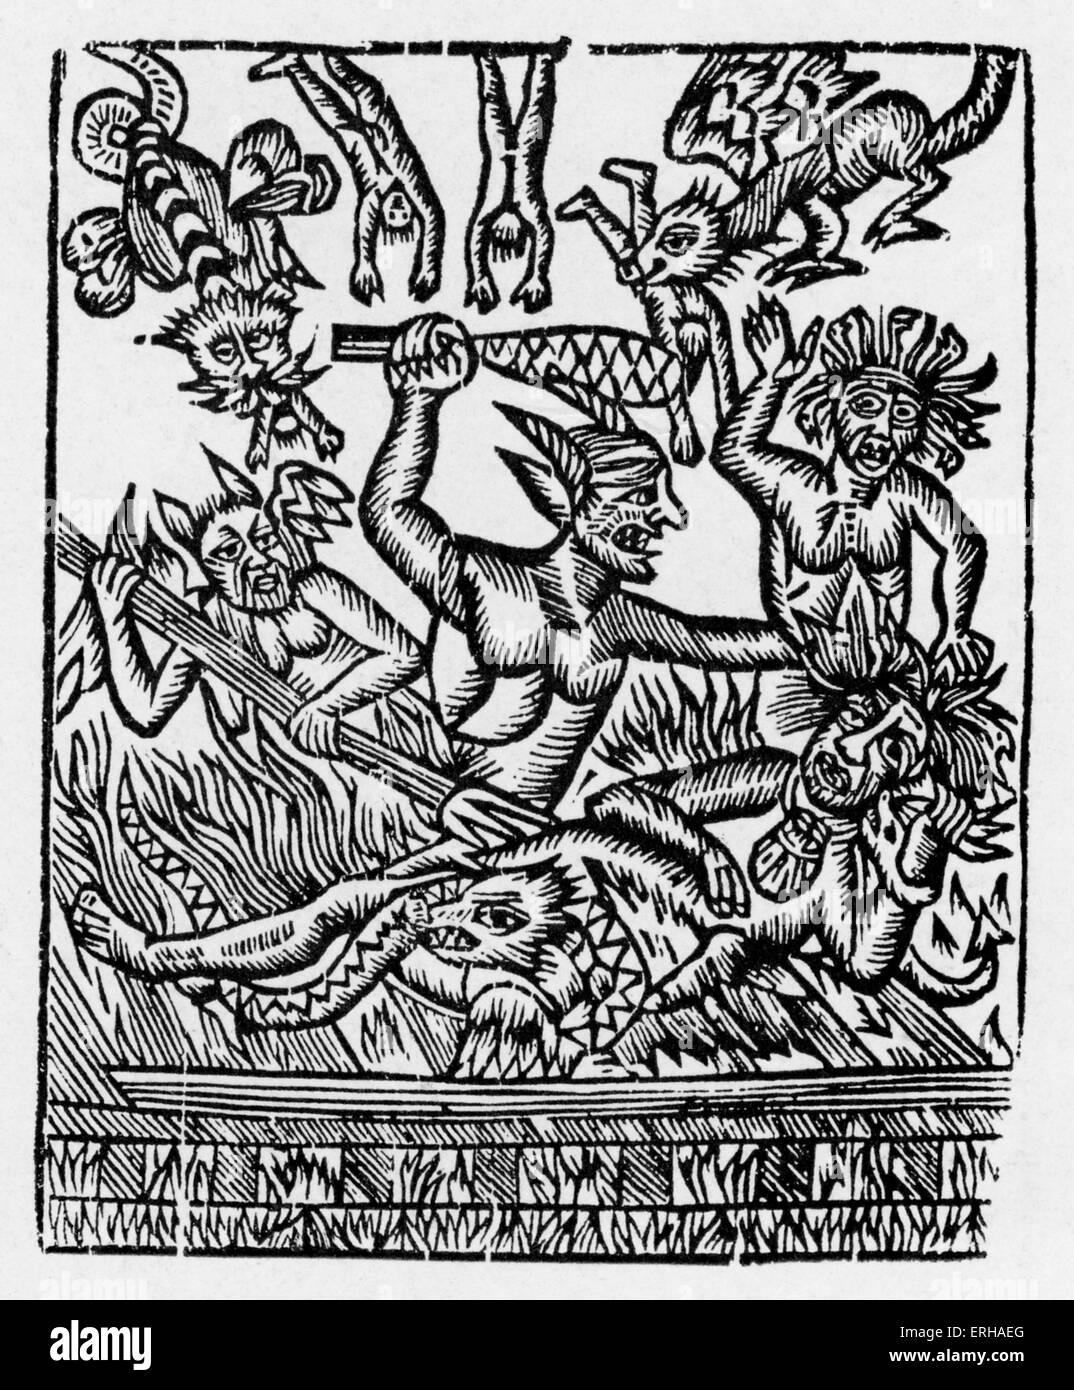 La Danse Macabre - Incisione su legno stampato da Guyot Marchant, 1486, Parigi. Copiato da Jehan Lecocq, Troyes, Immagini Stock